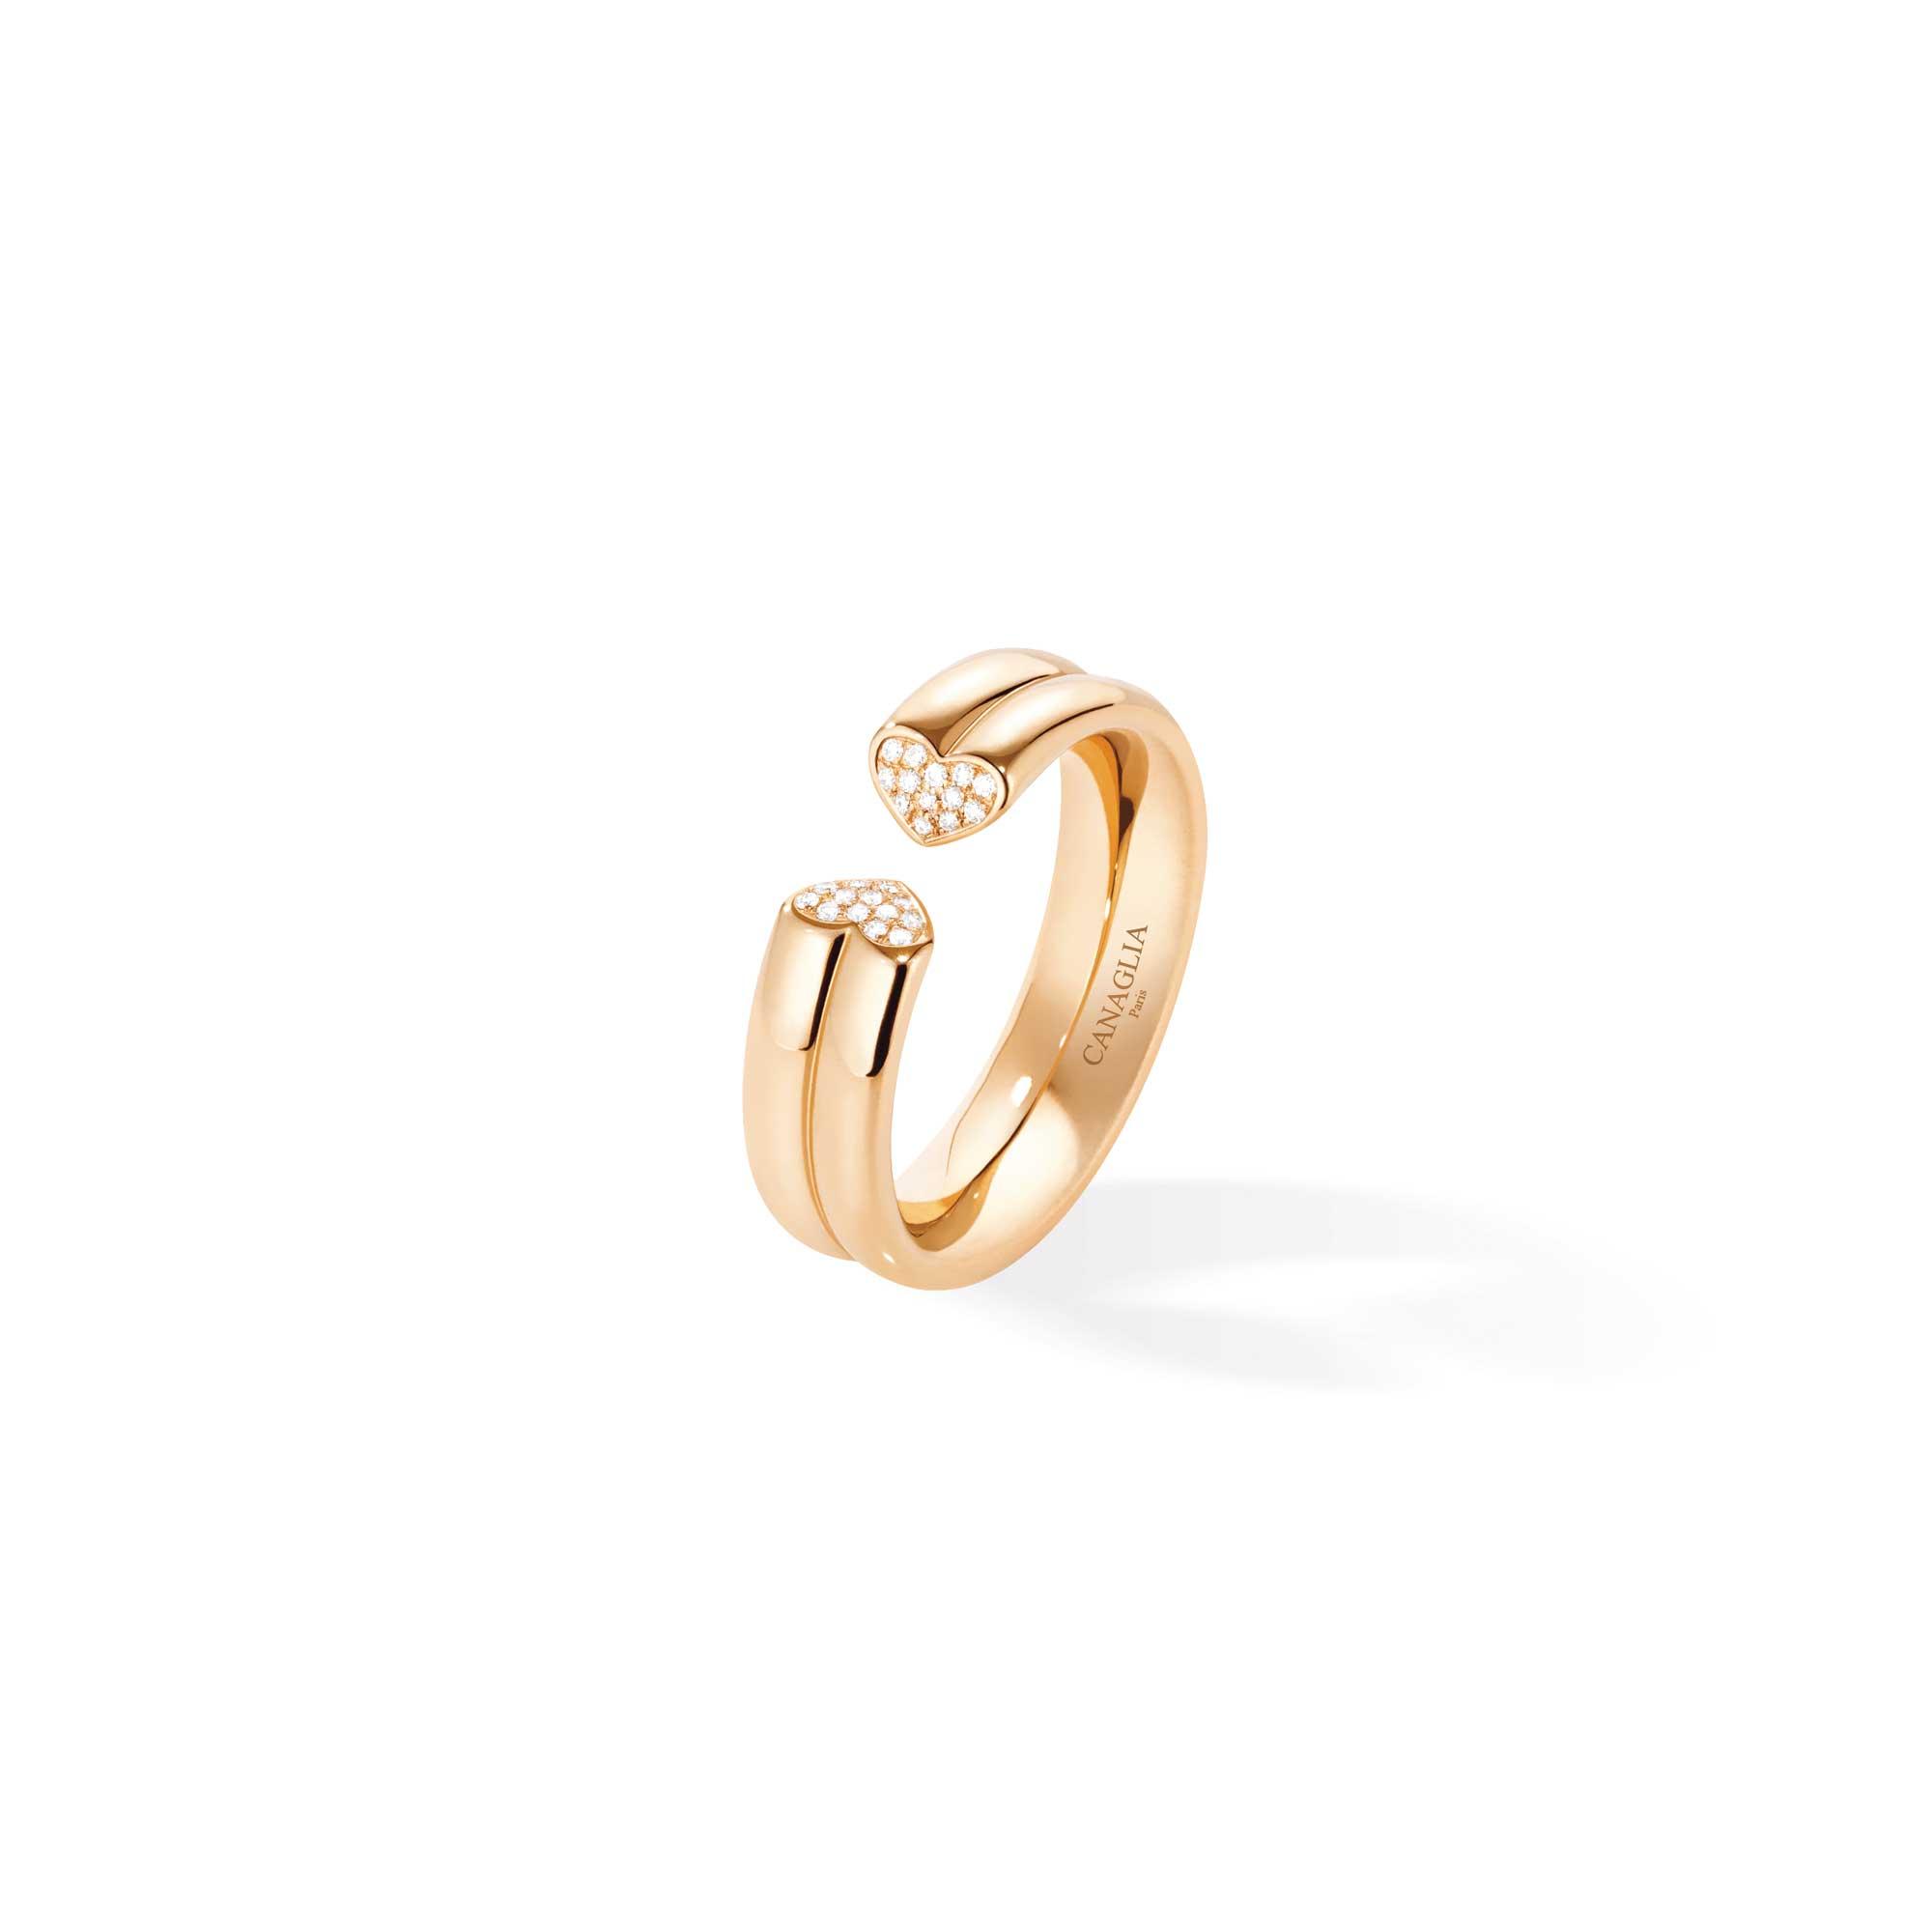 Anello coeur in oro rosa con pavé di diamanti - gioielleria Canaglia Paris-Milano